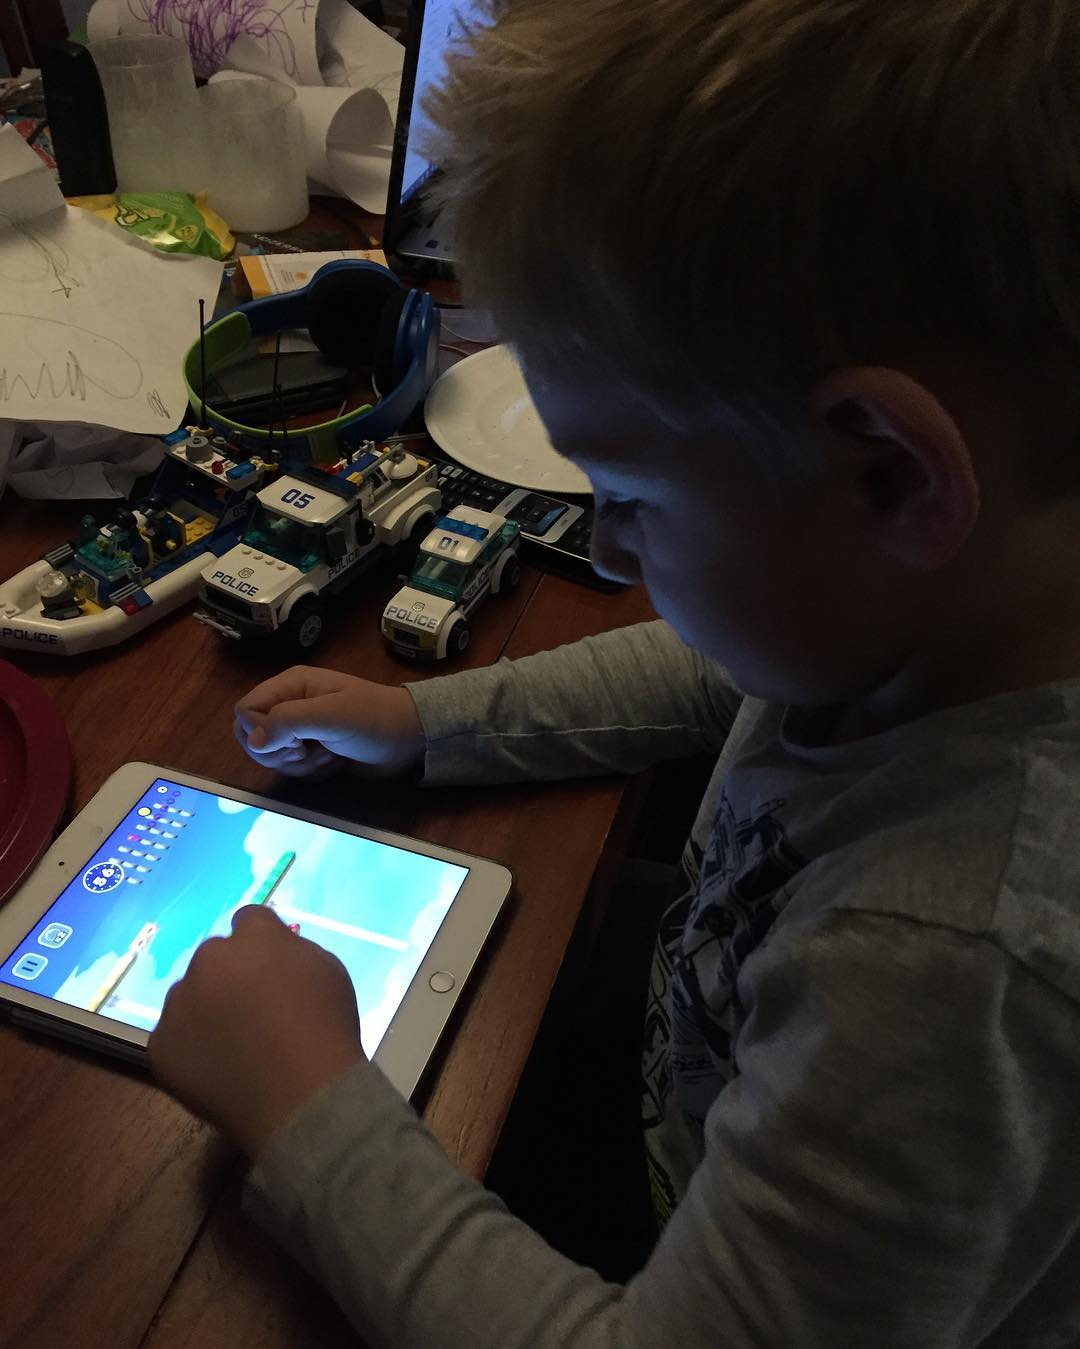 #goedemorgen365 Tim speelt Mario op de iPad #nintendo #jeugdsentiment